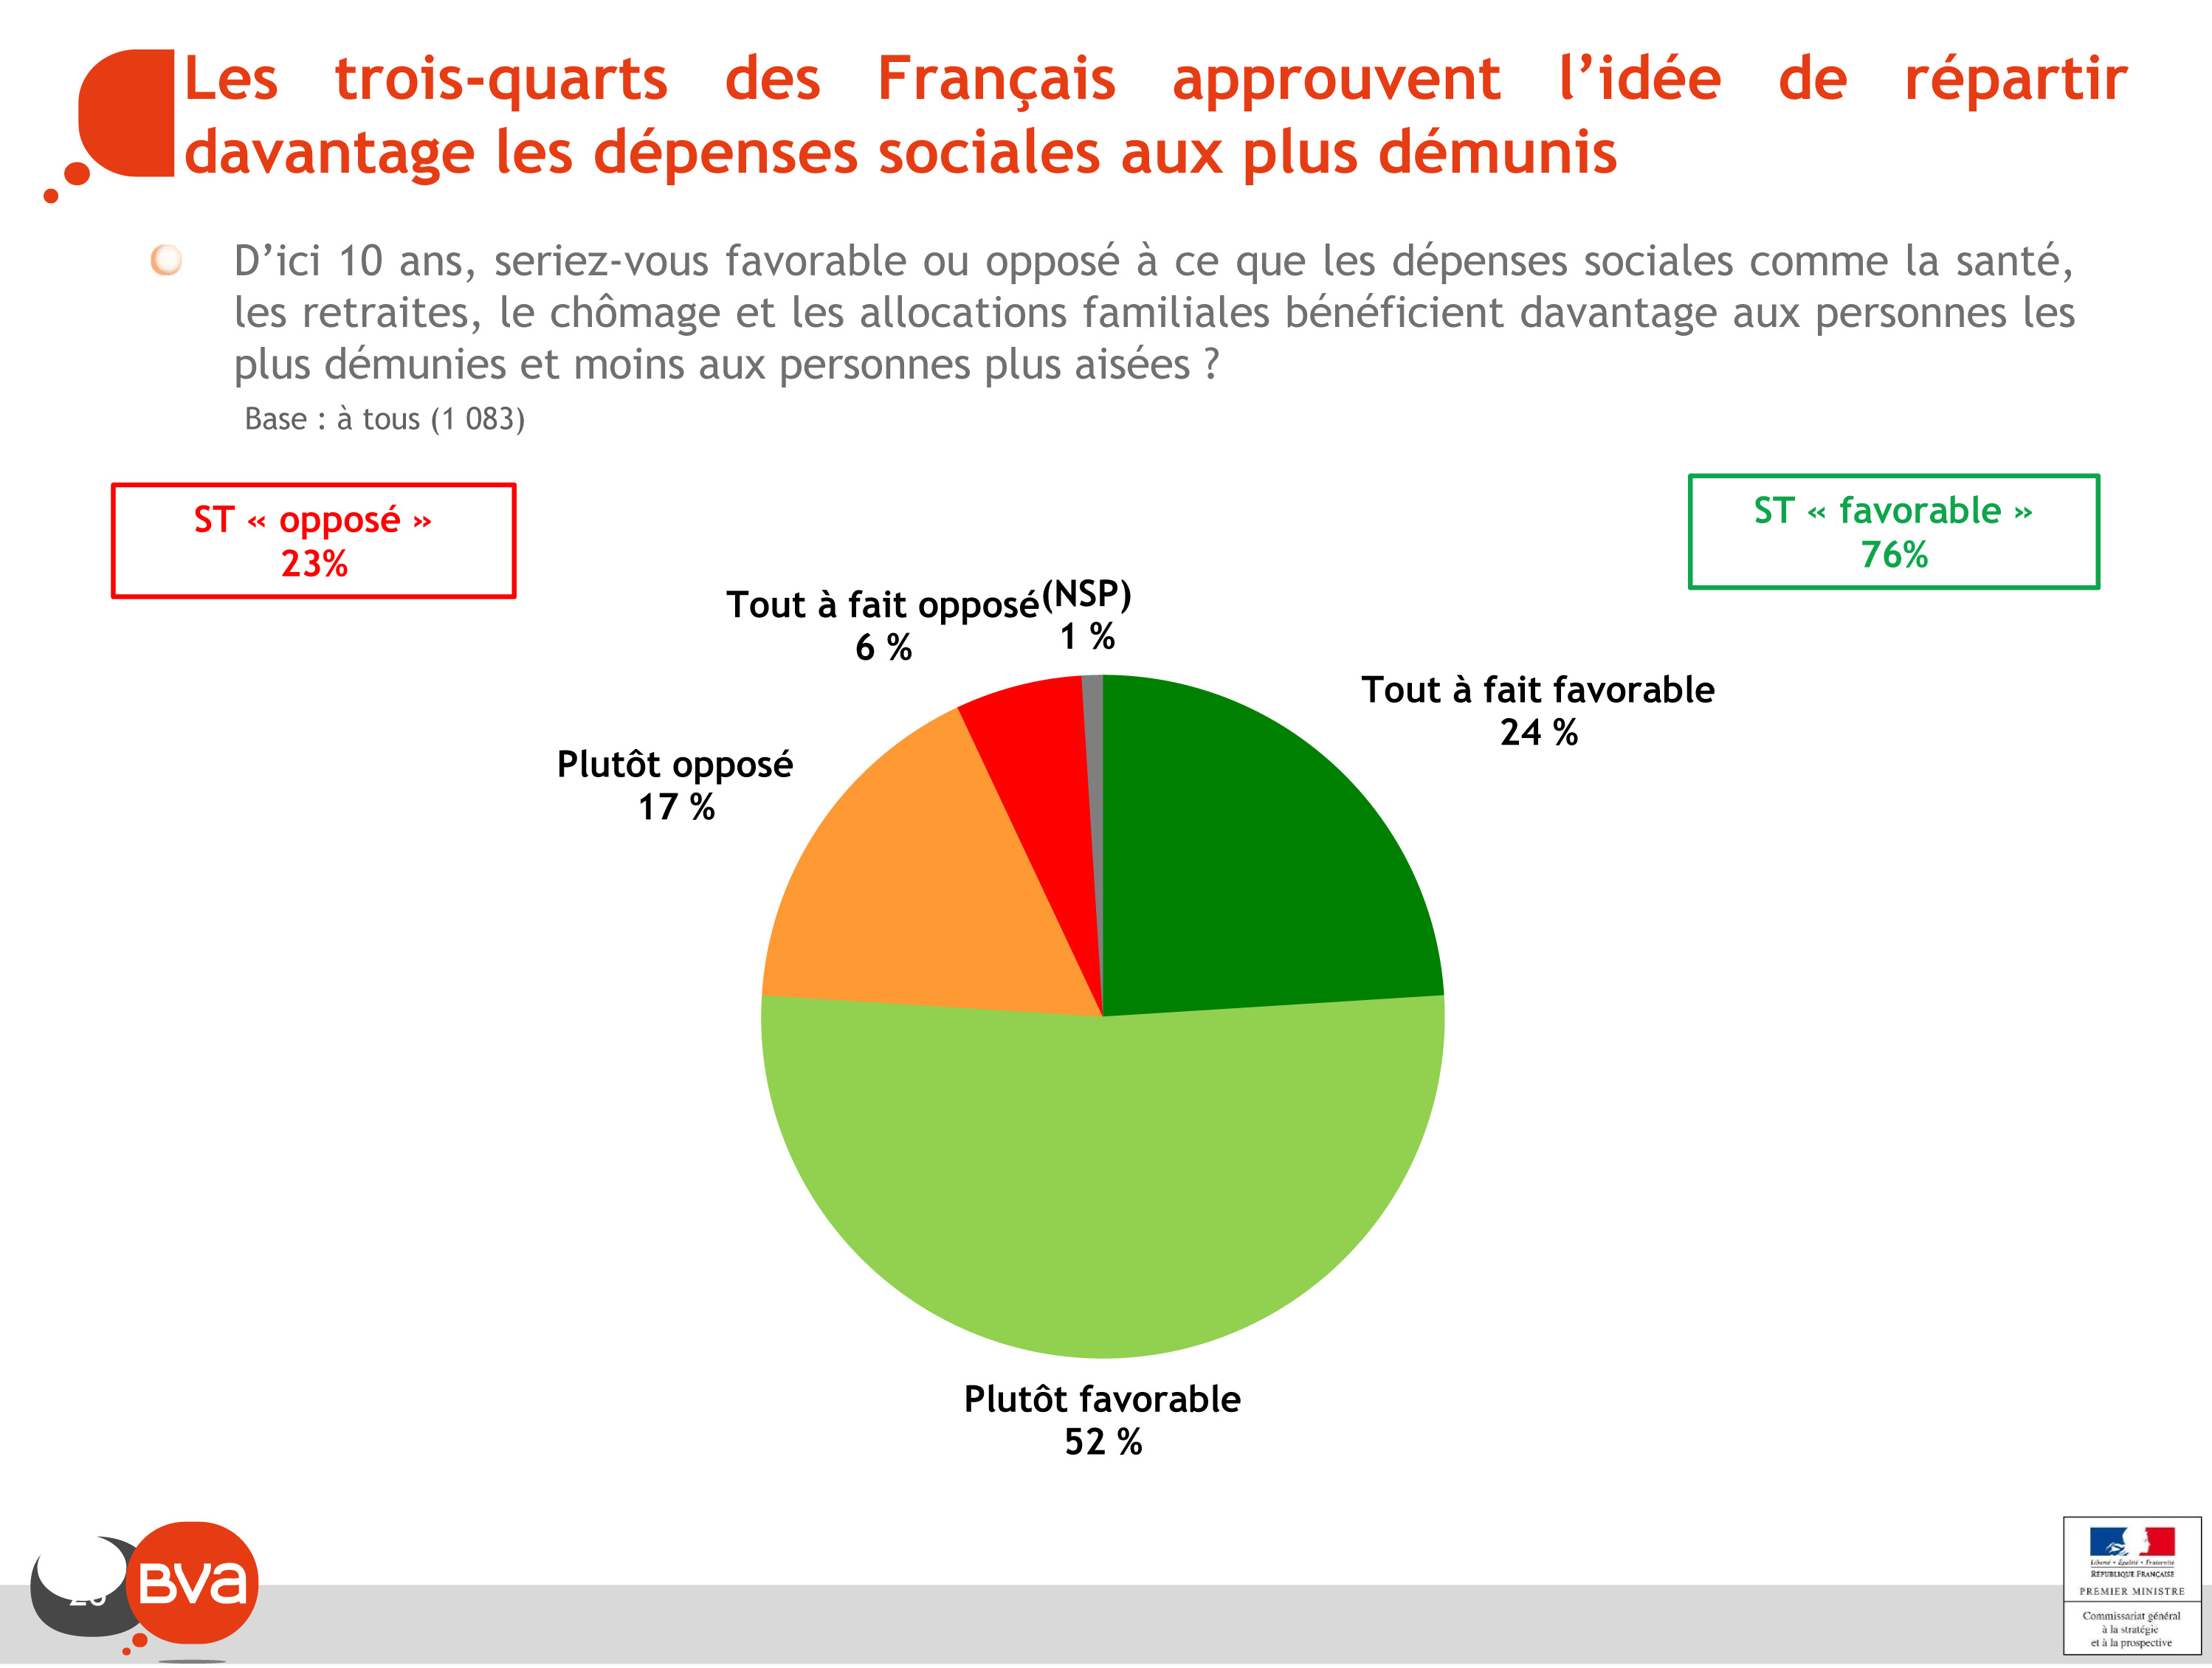 Les trois-quarts des Français approuvent l'idée de répartir davantage les dépenses sociales aux plus démunis